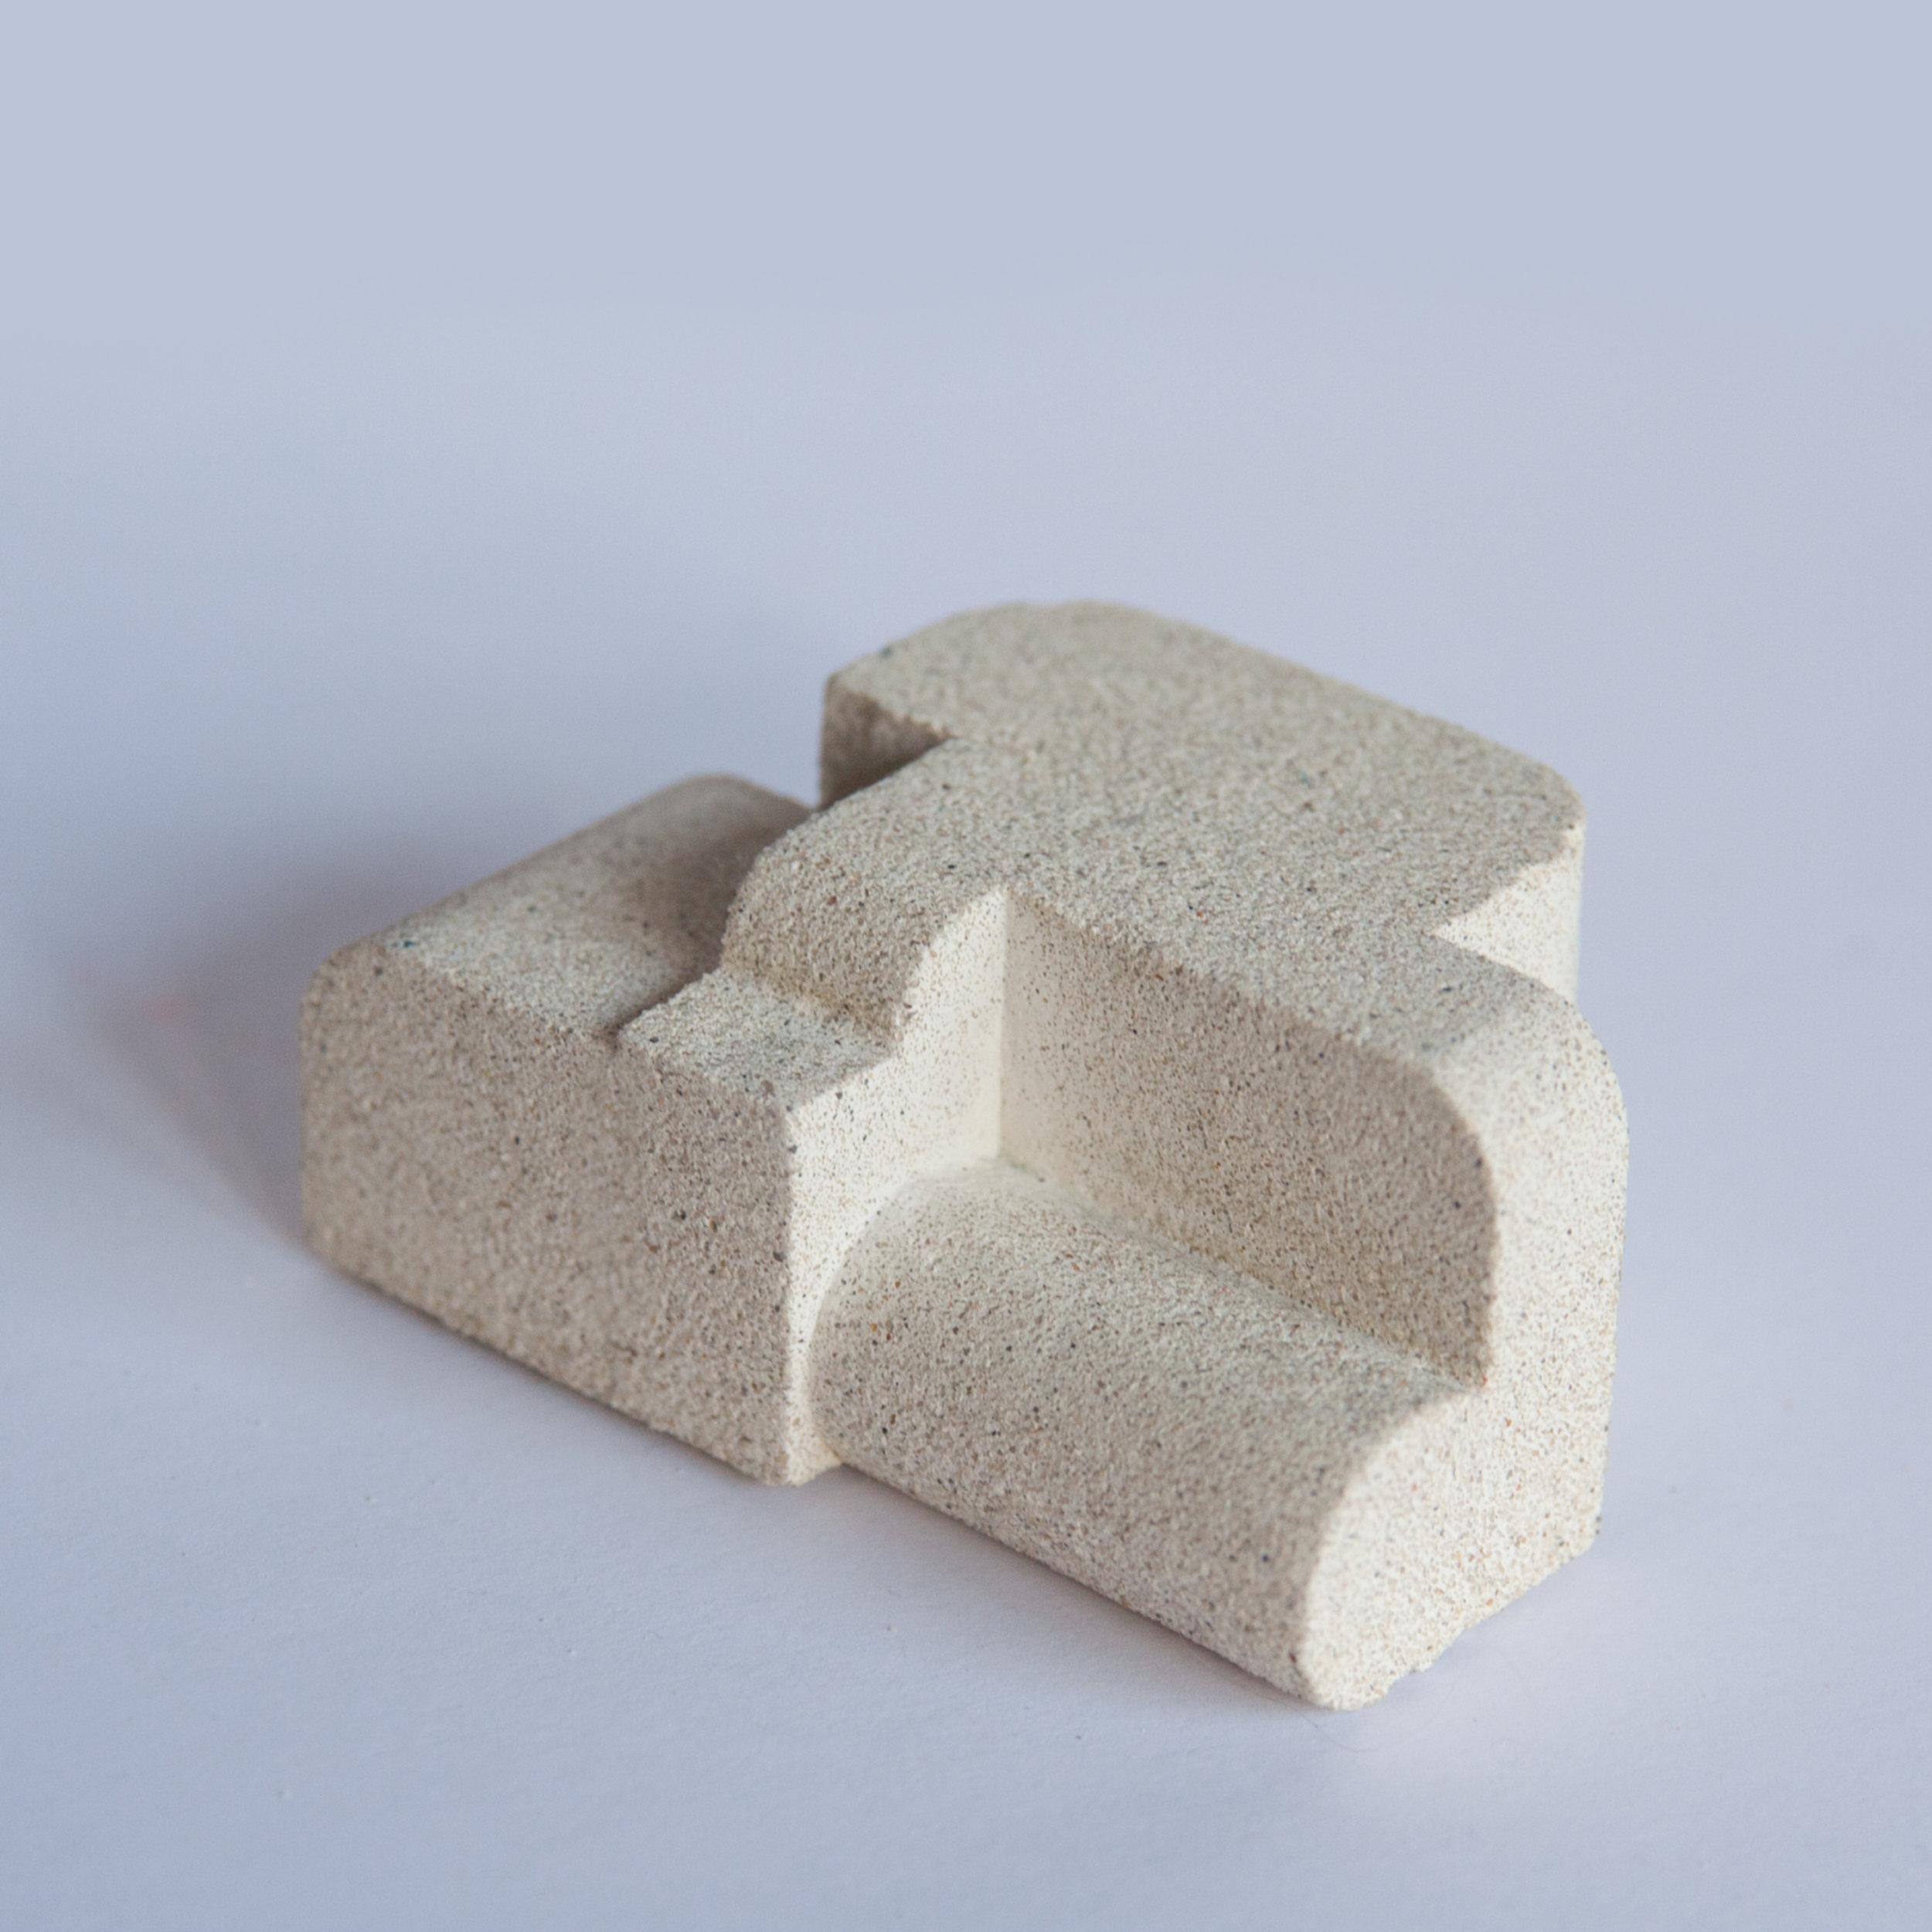 Portland stone jesmonite